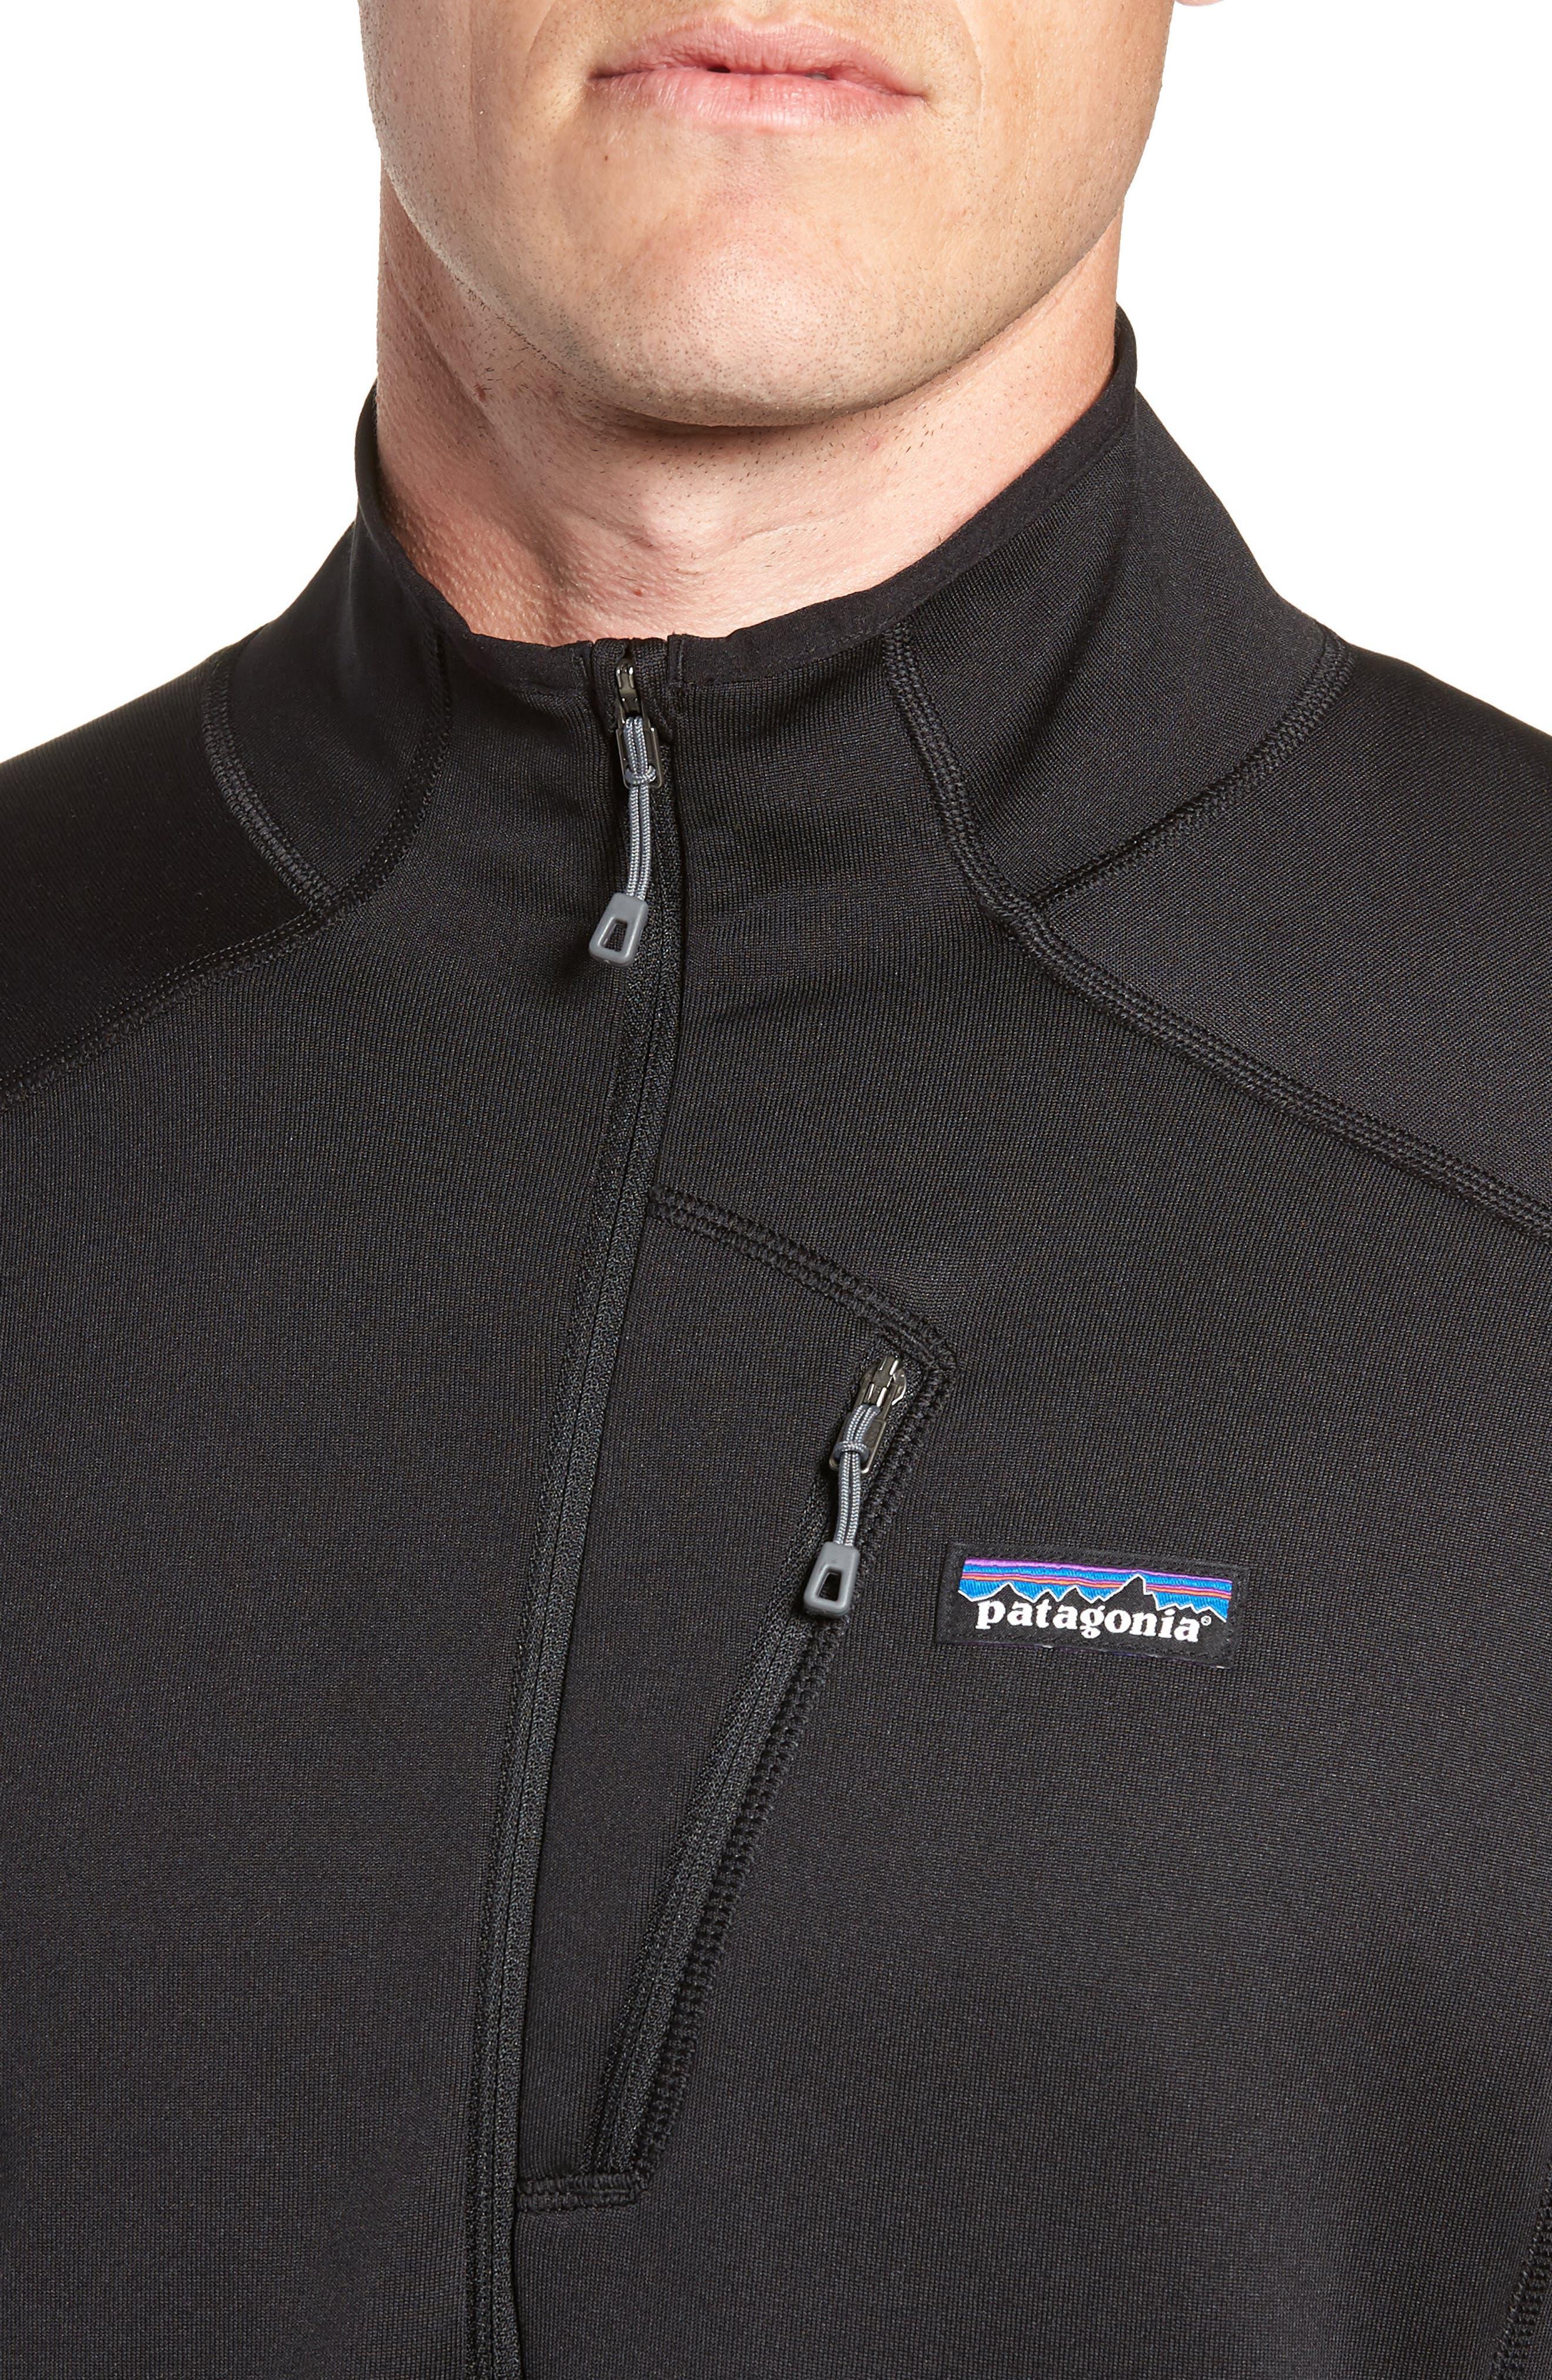 Crosstrek Quarter Zip Fleece Pullover,                             Alternate thumbnail 4, color,                             BLACK